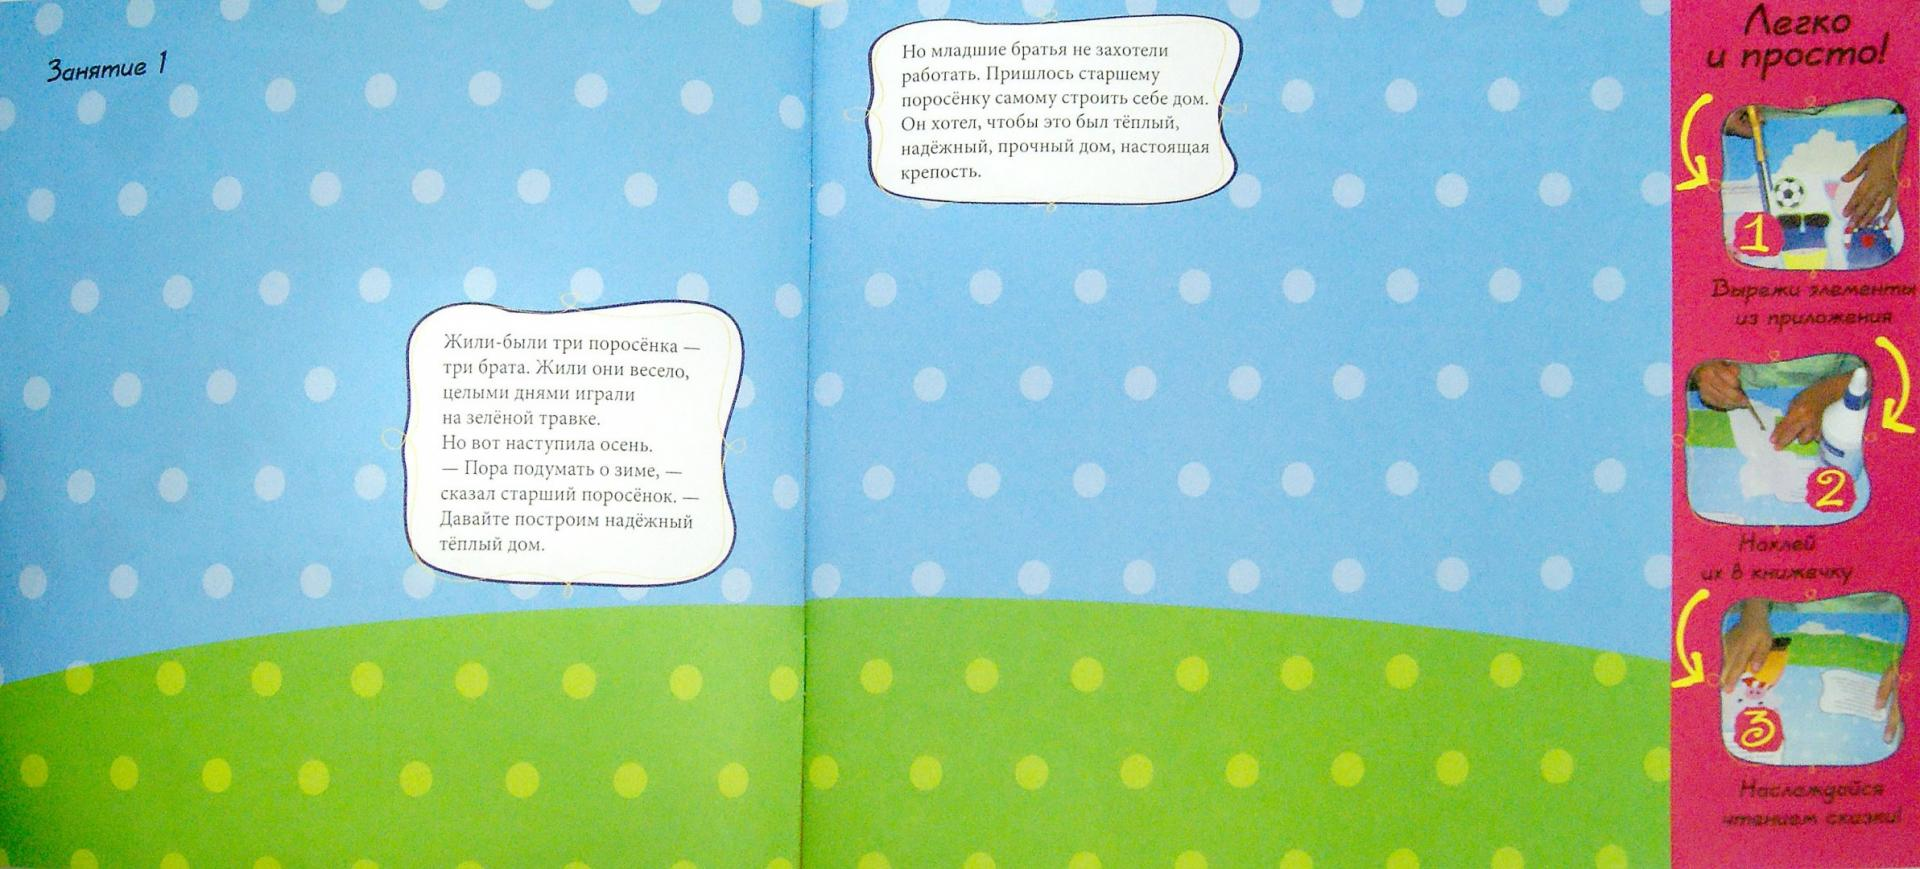 Иллюстрация 1 из 29 для Три поросенка | Лабиринт - книги. Источник: Лабиринт